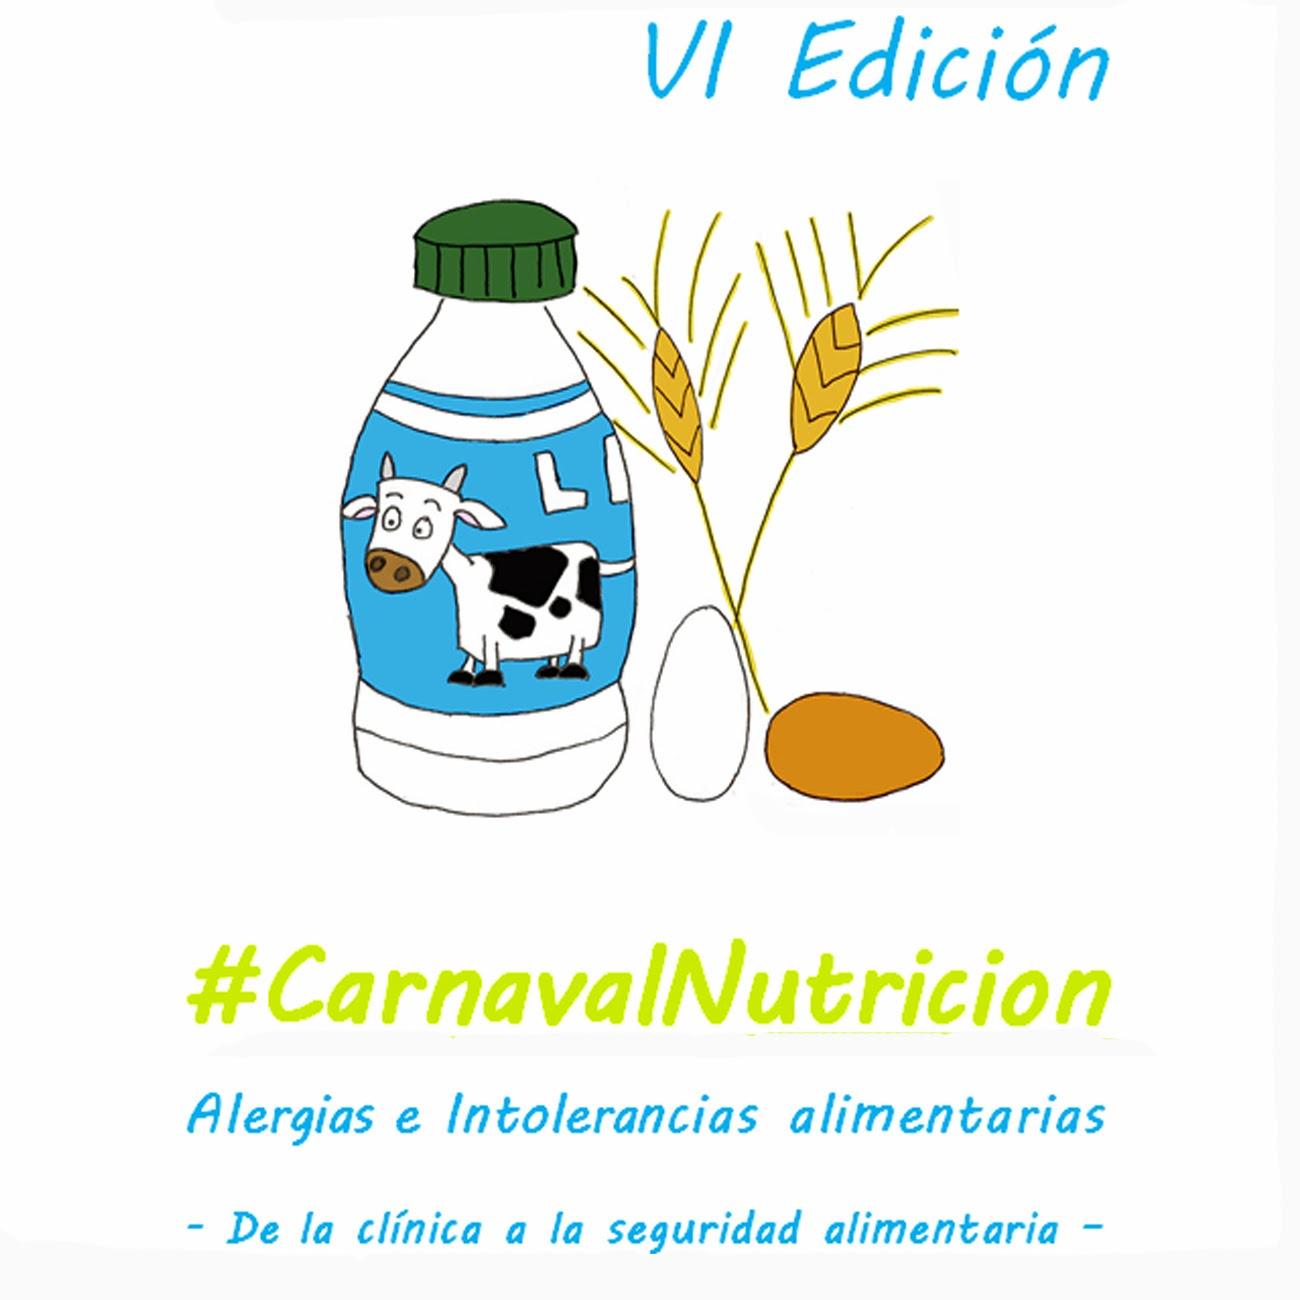 VI Carnaval Nutrición